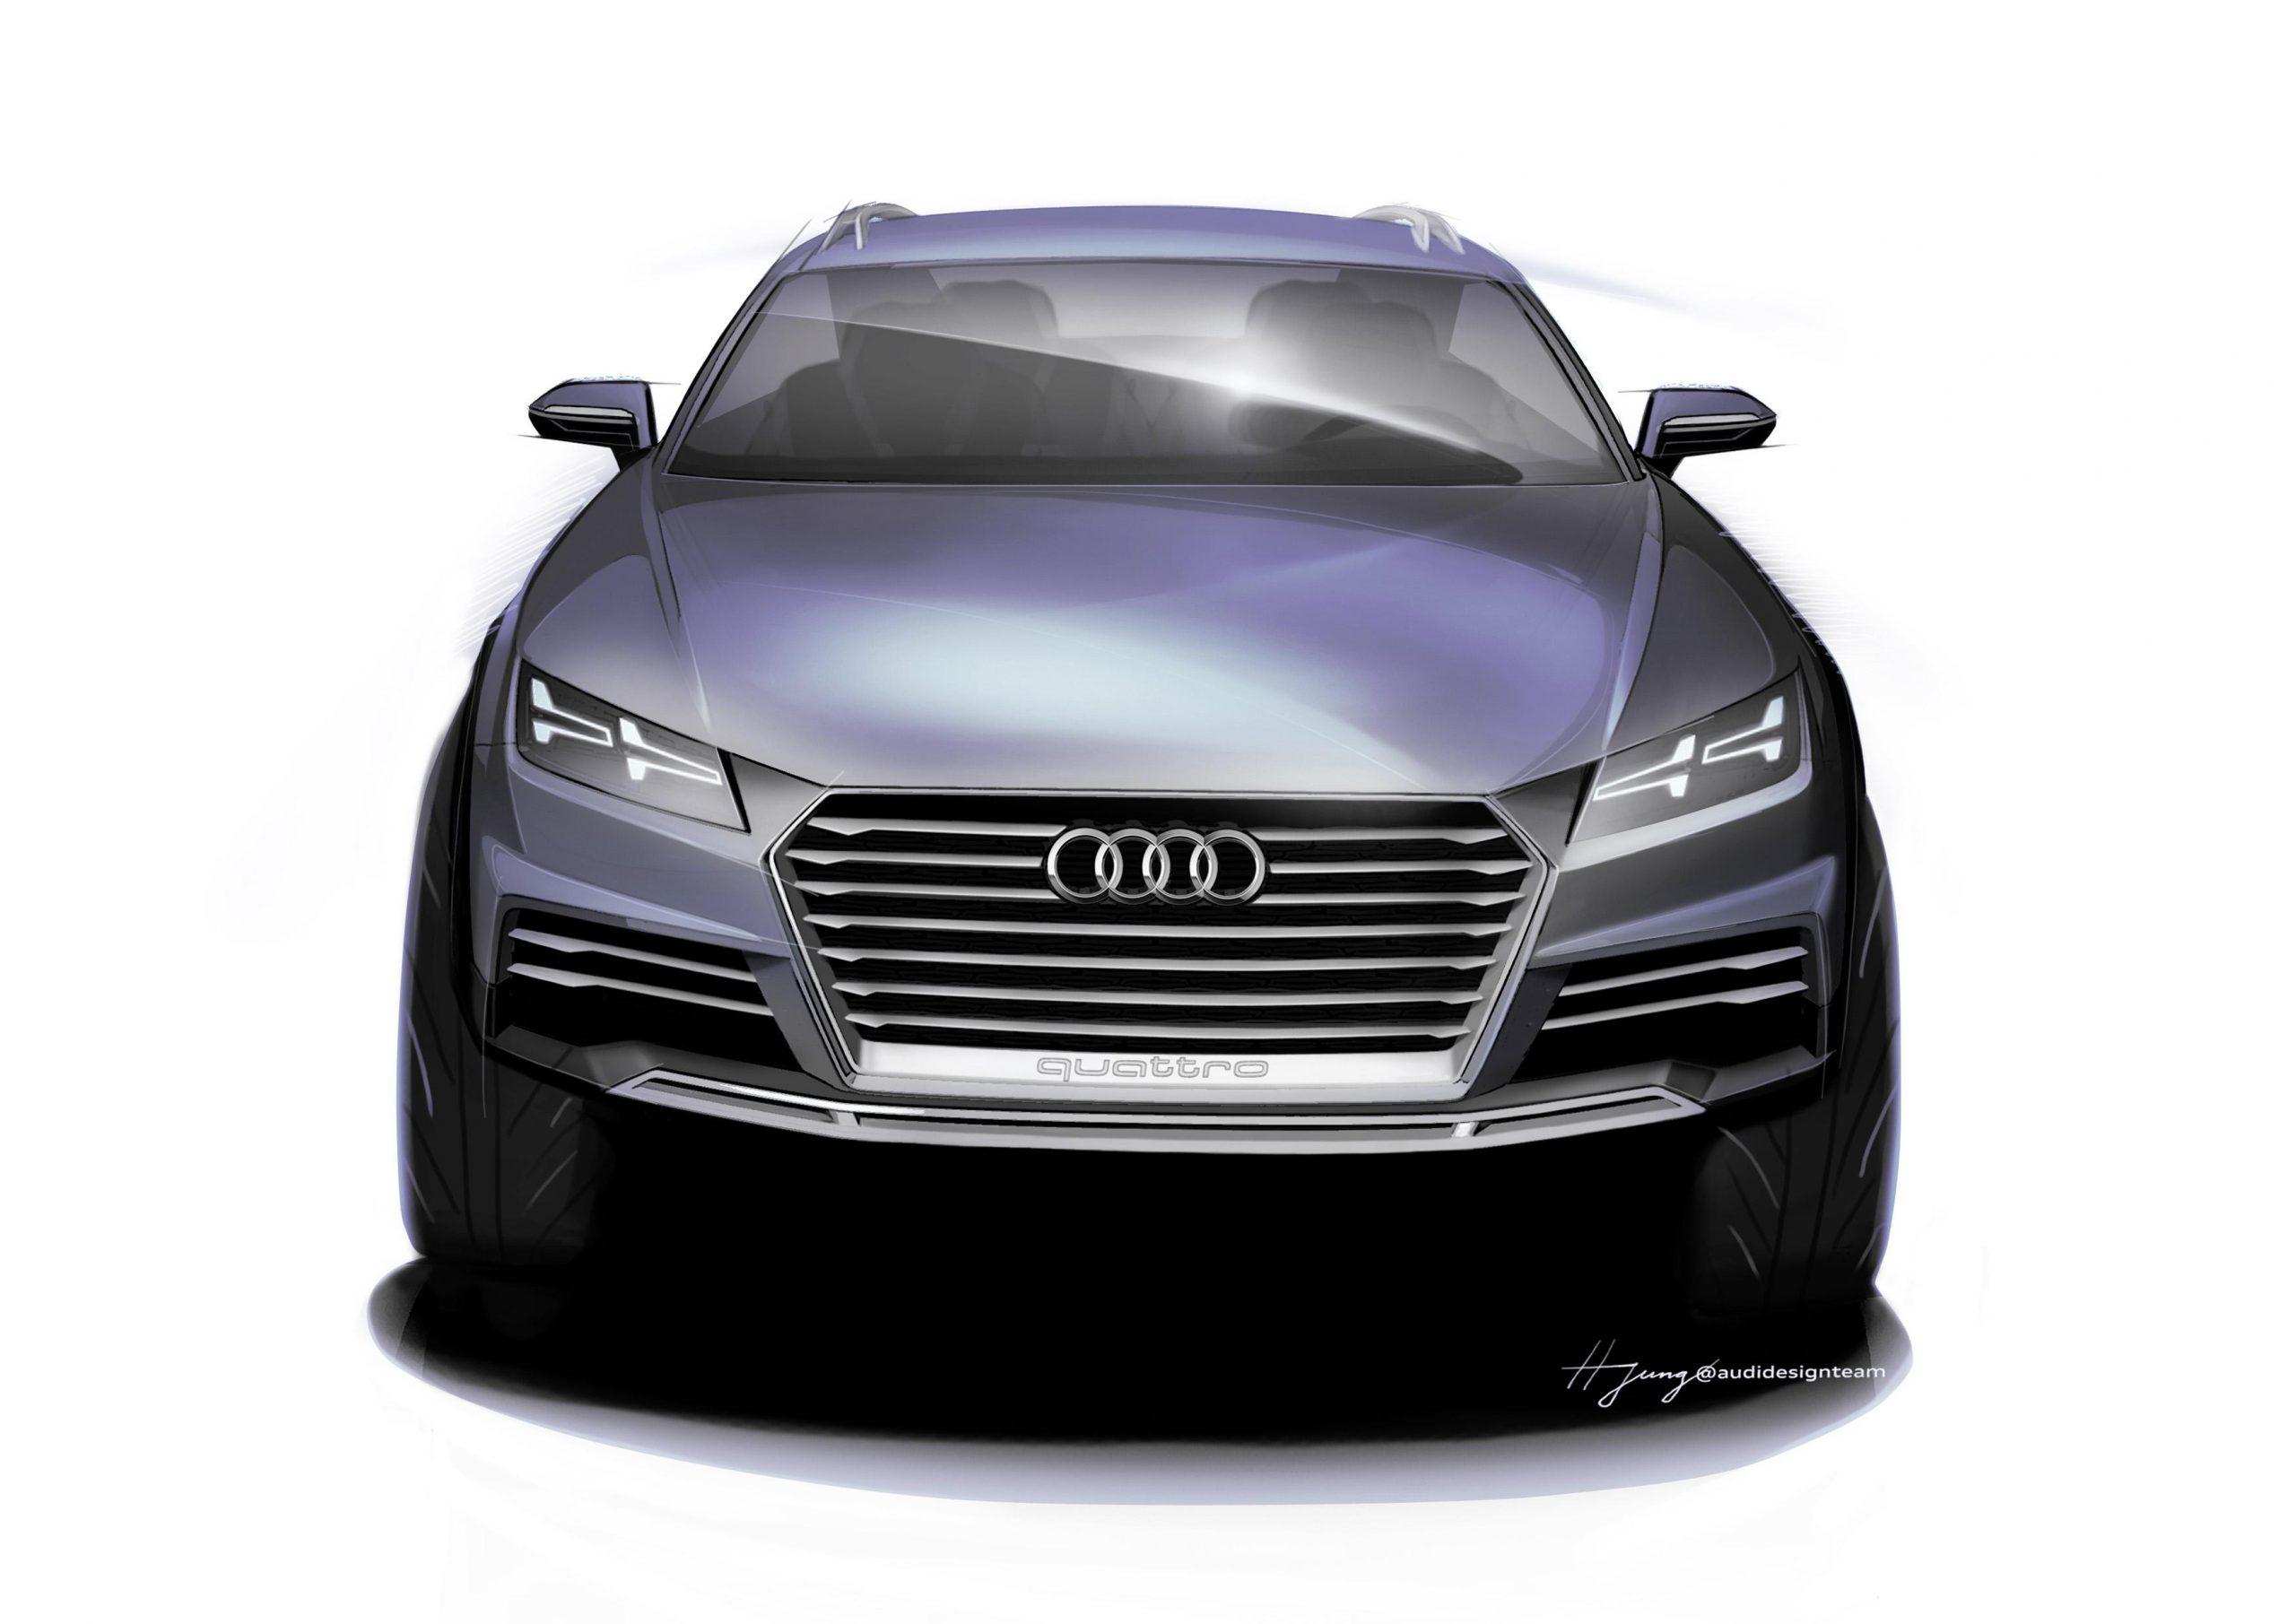 Audi Teases New Show Car: Latest News – Surf4cars